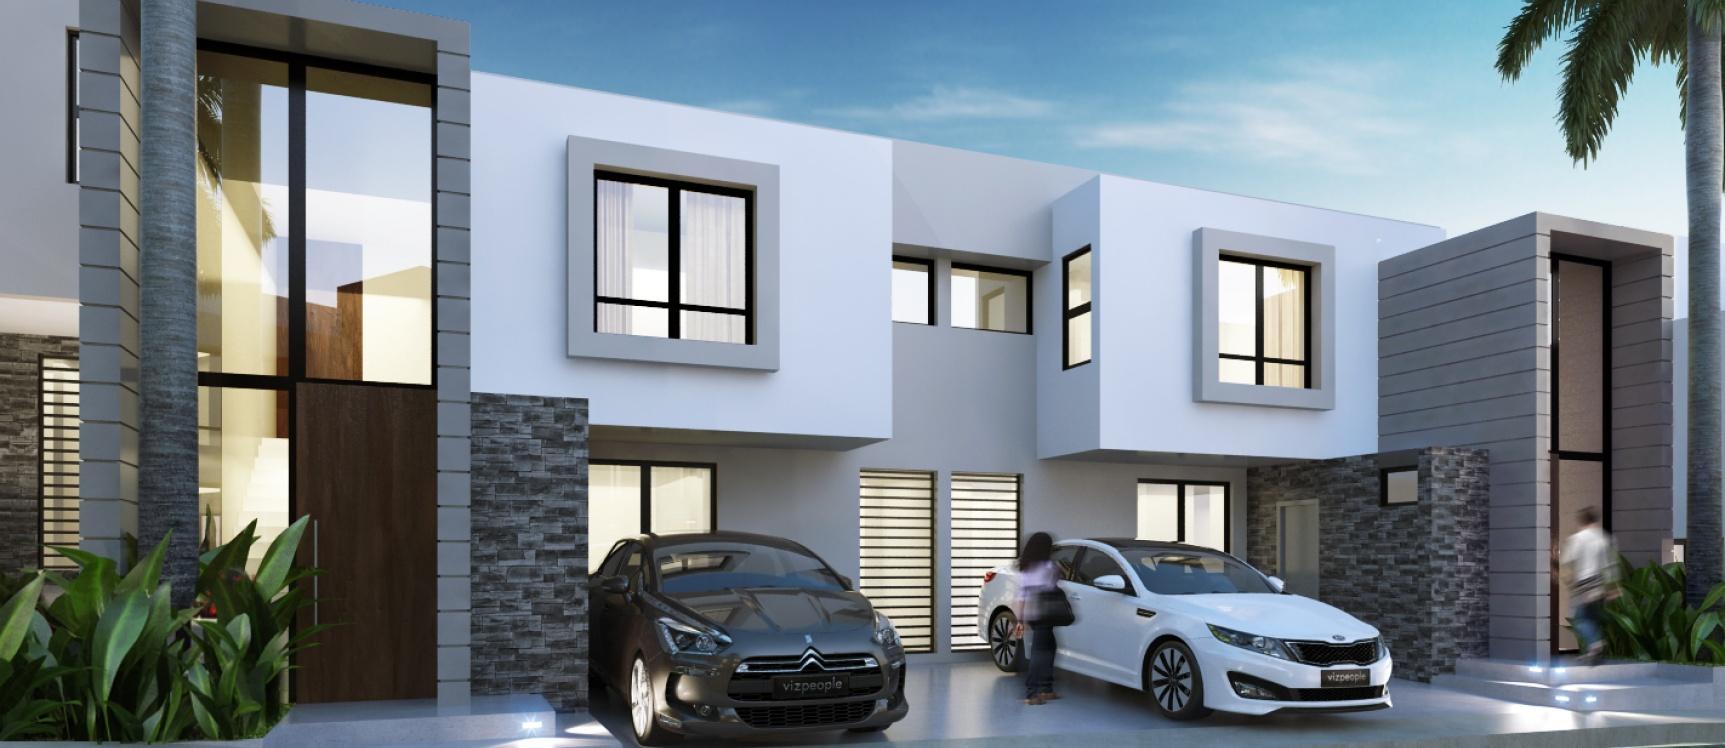 GeoBienes - Villa 11 - Colinas de Santa Cecilia - Plusvalia Guayaquil Casas de venta y alquiler Inmobiliaria Ecuador